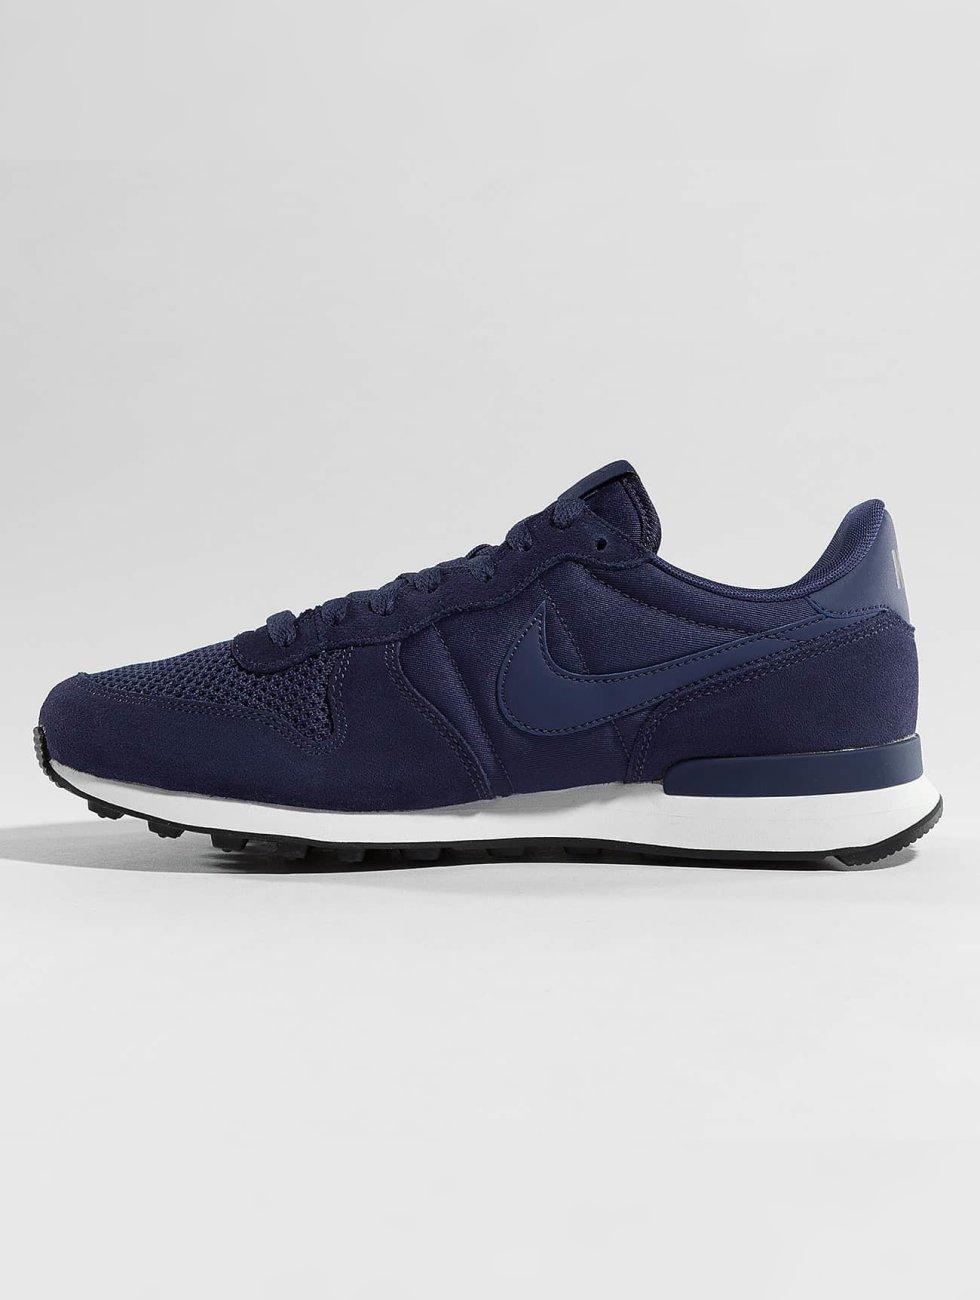 Nike Schoen / Internationaliste De Chaussure En Indigo 422582 Fiable À Vendre zblmry0kua